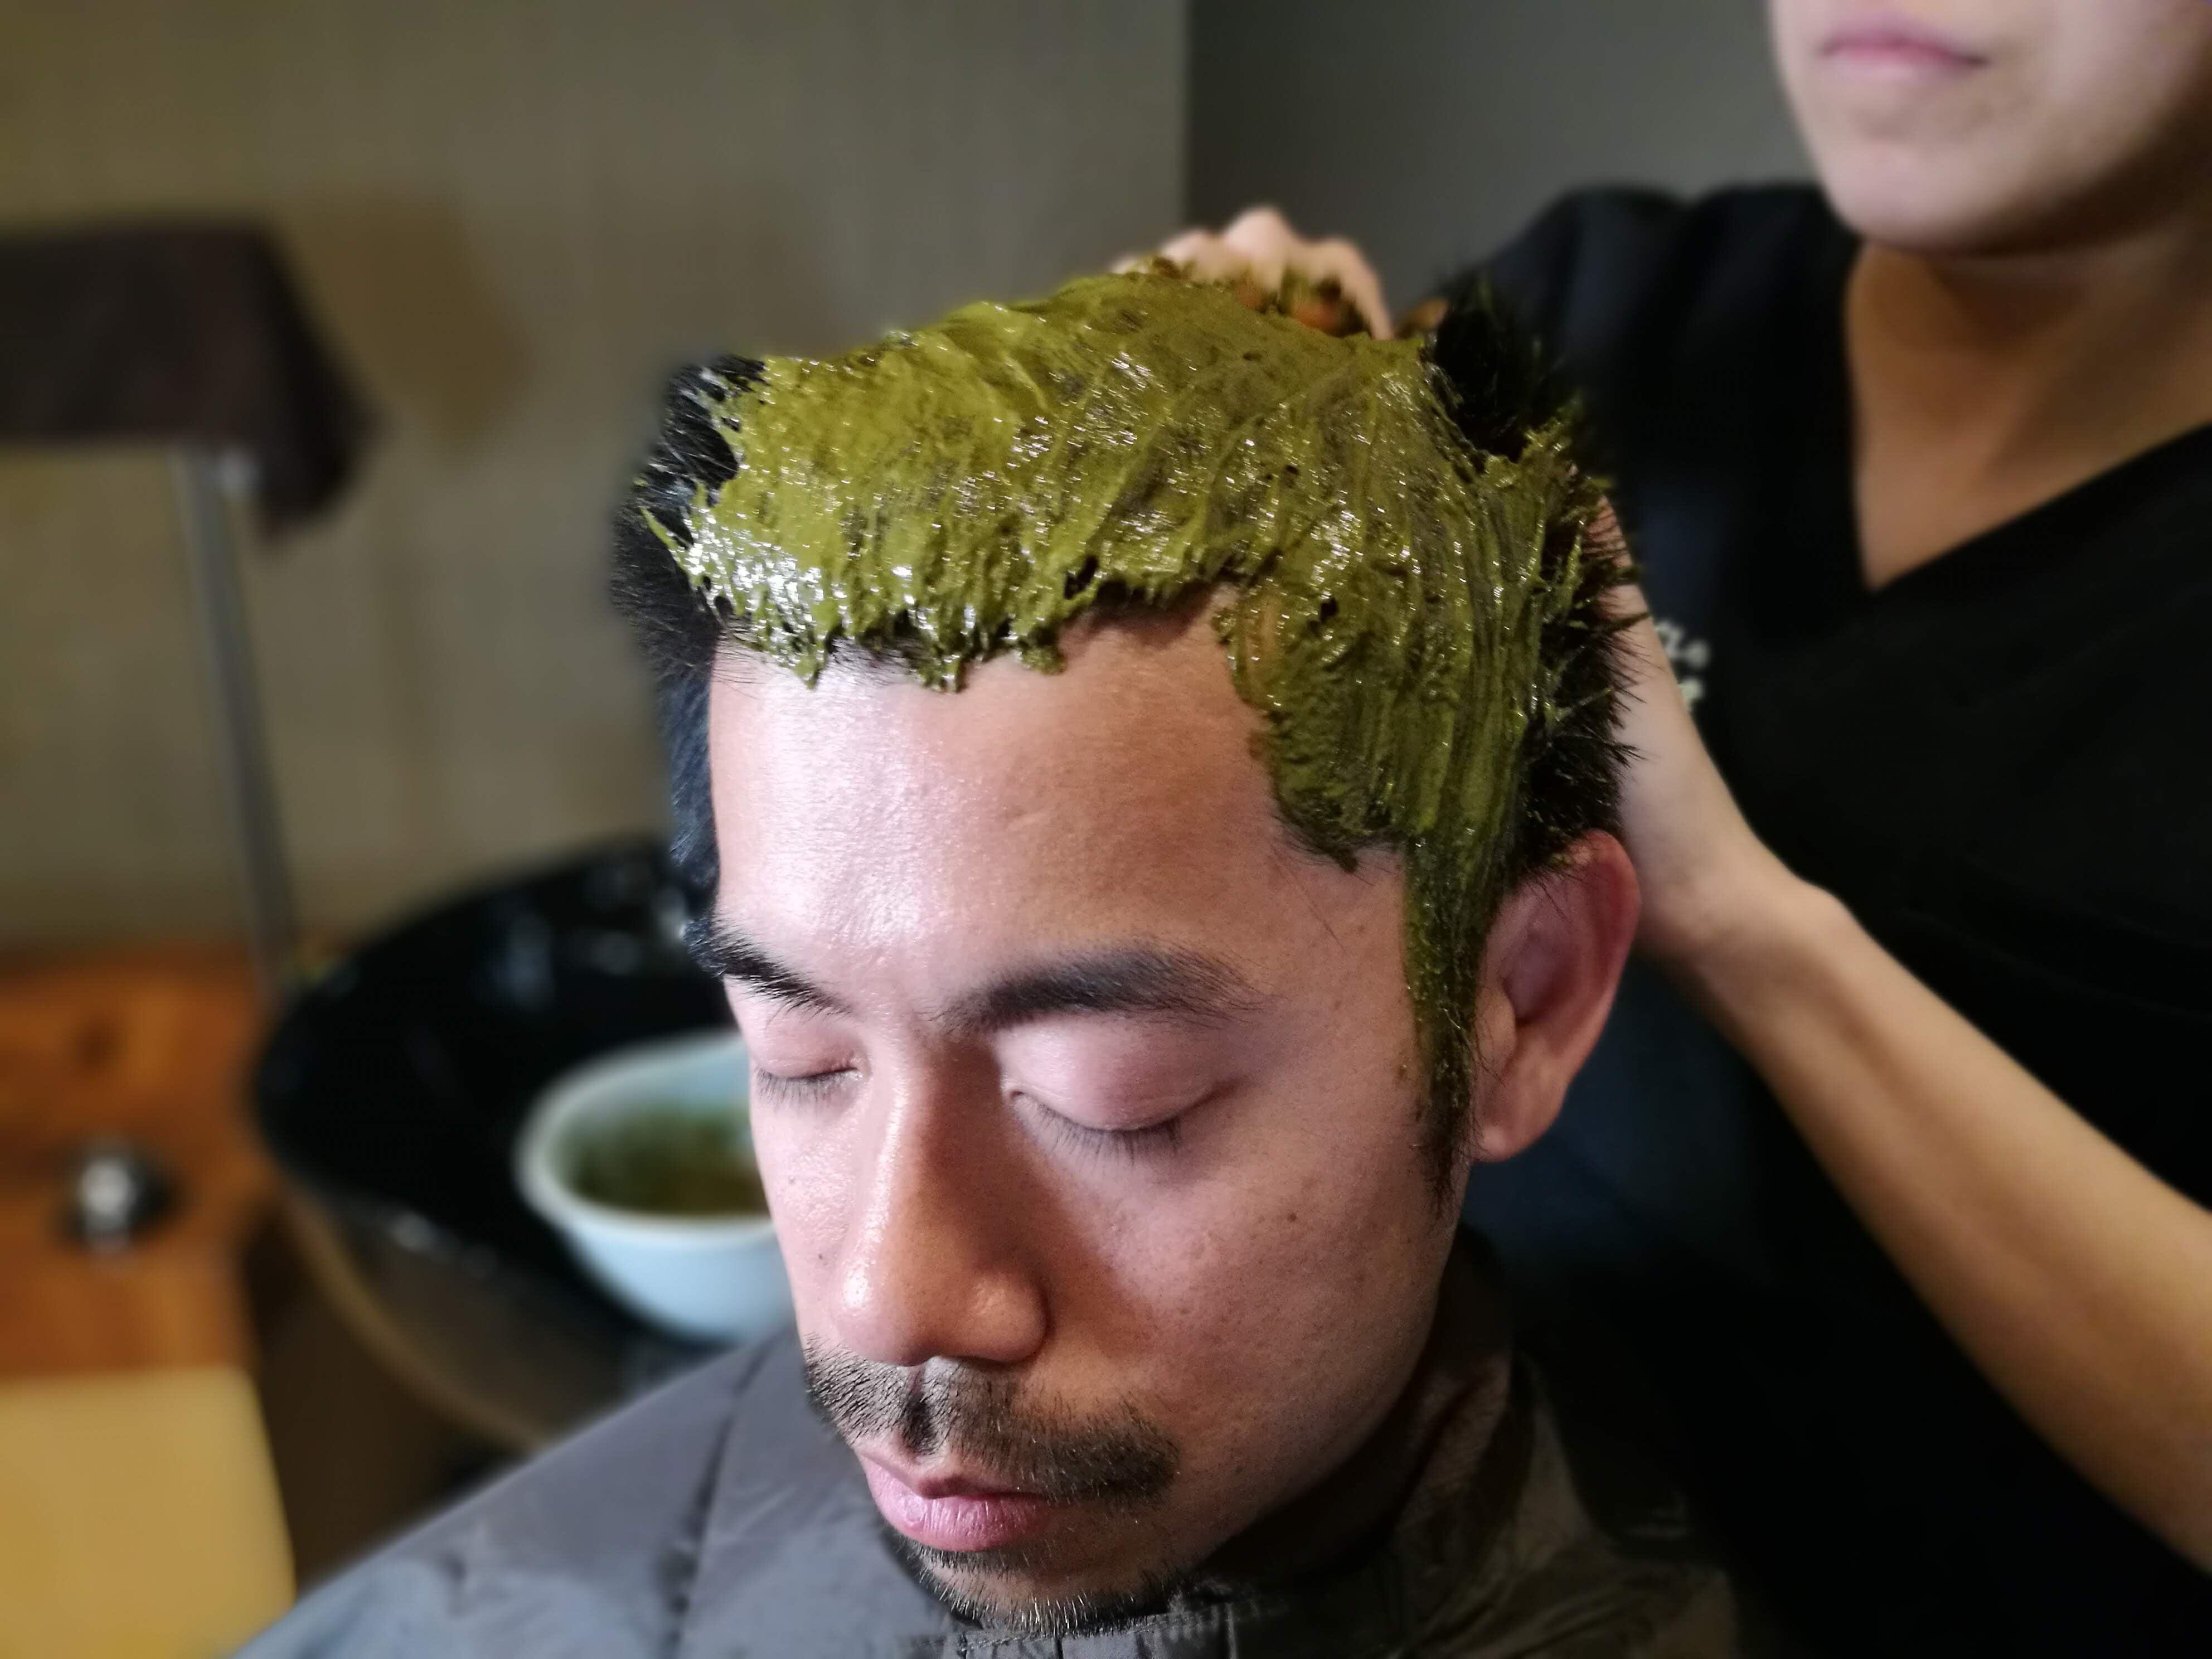 【Qush:miAAAヘナを使用】頭皮からのデトックス デトックスヘナ(ミディアム) 85分のイメージその1